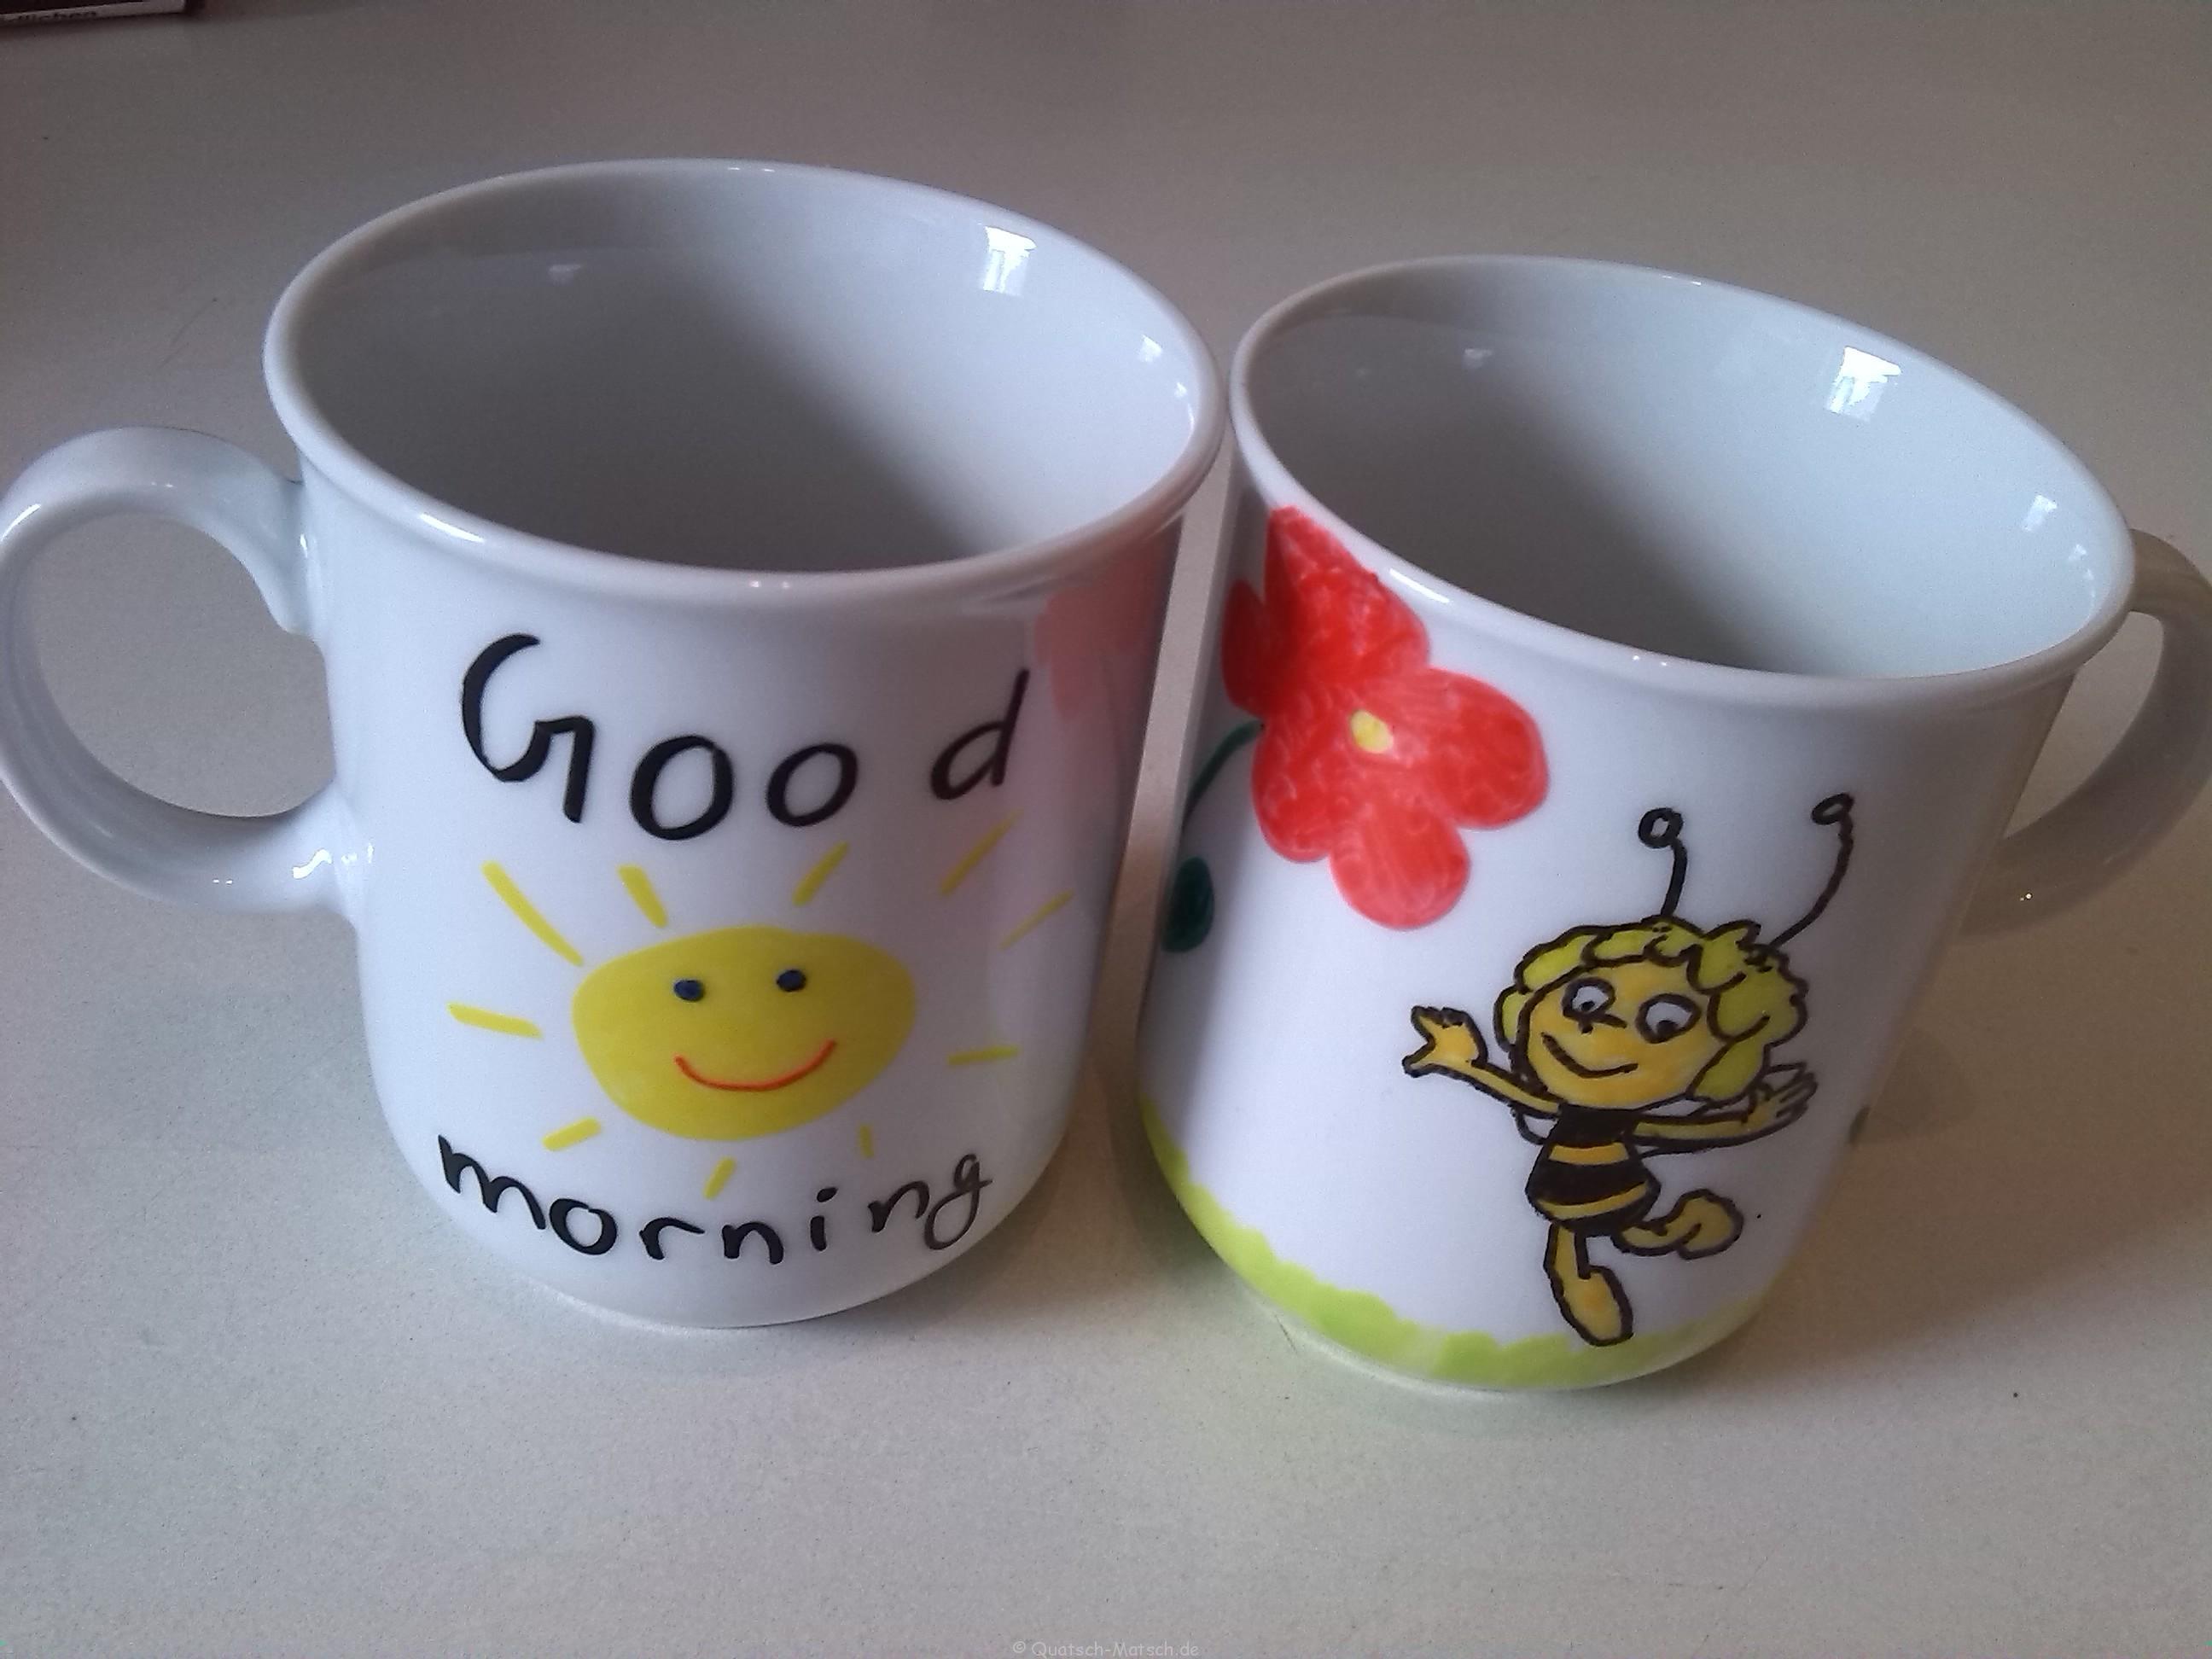 Porzellan Tassen selbt gestalten – Schönes Geschenk